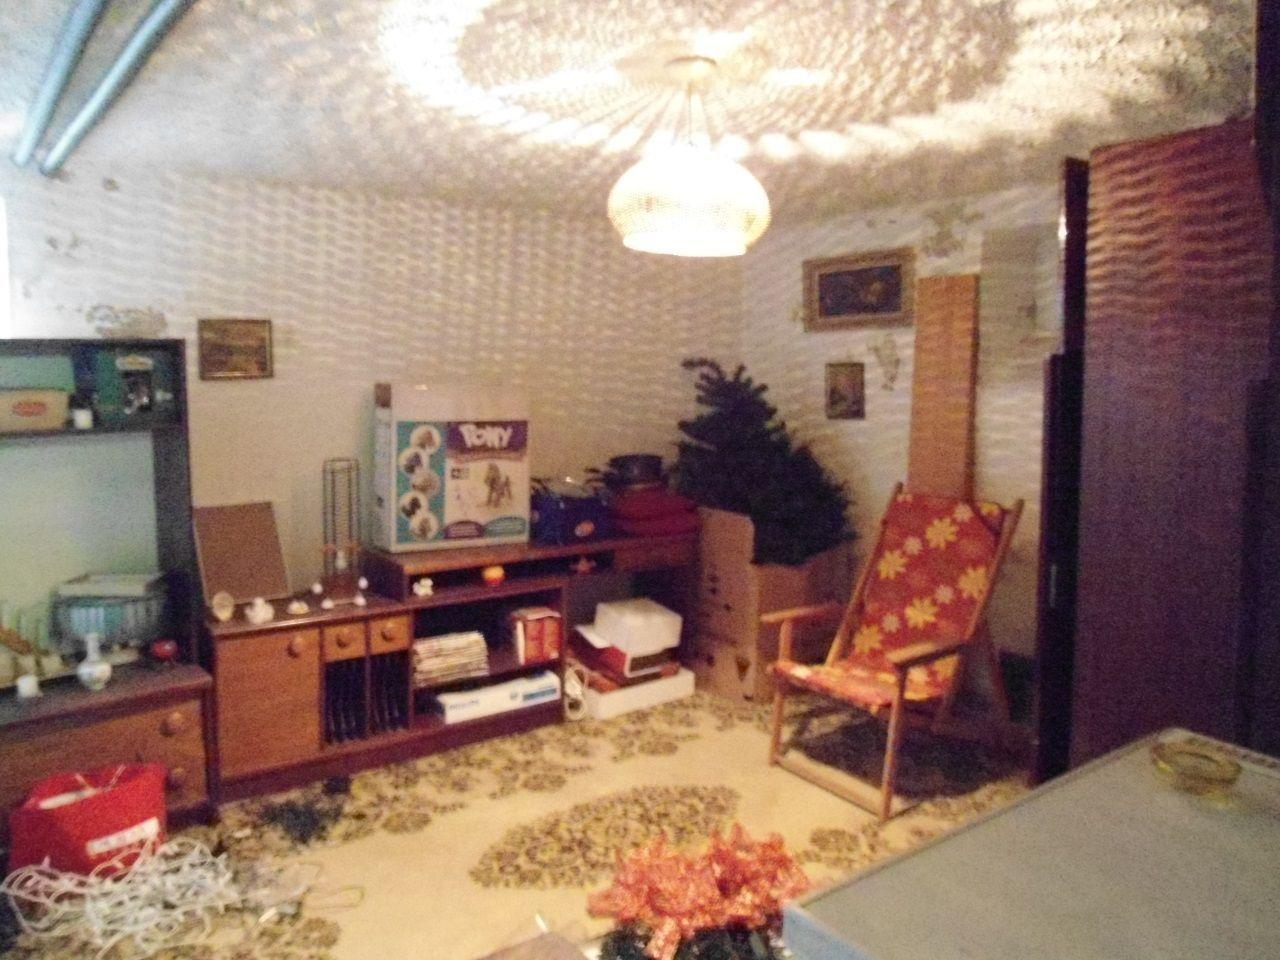 NR - RD Lužianky, po celkovej rekonštrukcii v r. 2002, 6 izieb, vybavenie a zariadenie v cene, celý podpivničený, všetky IS, 8,48 ár., sauna, malý baz